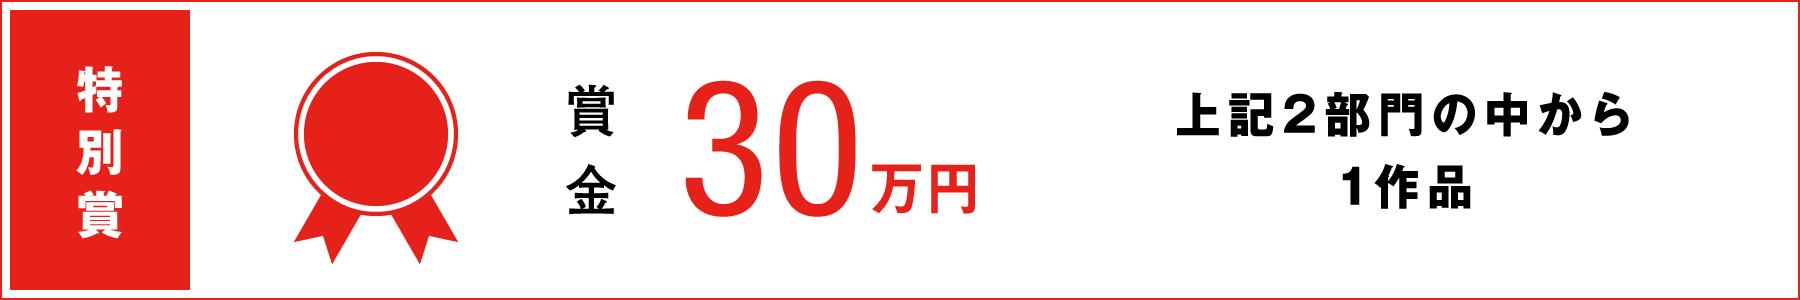 特別賞 賞金30万円